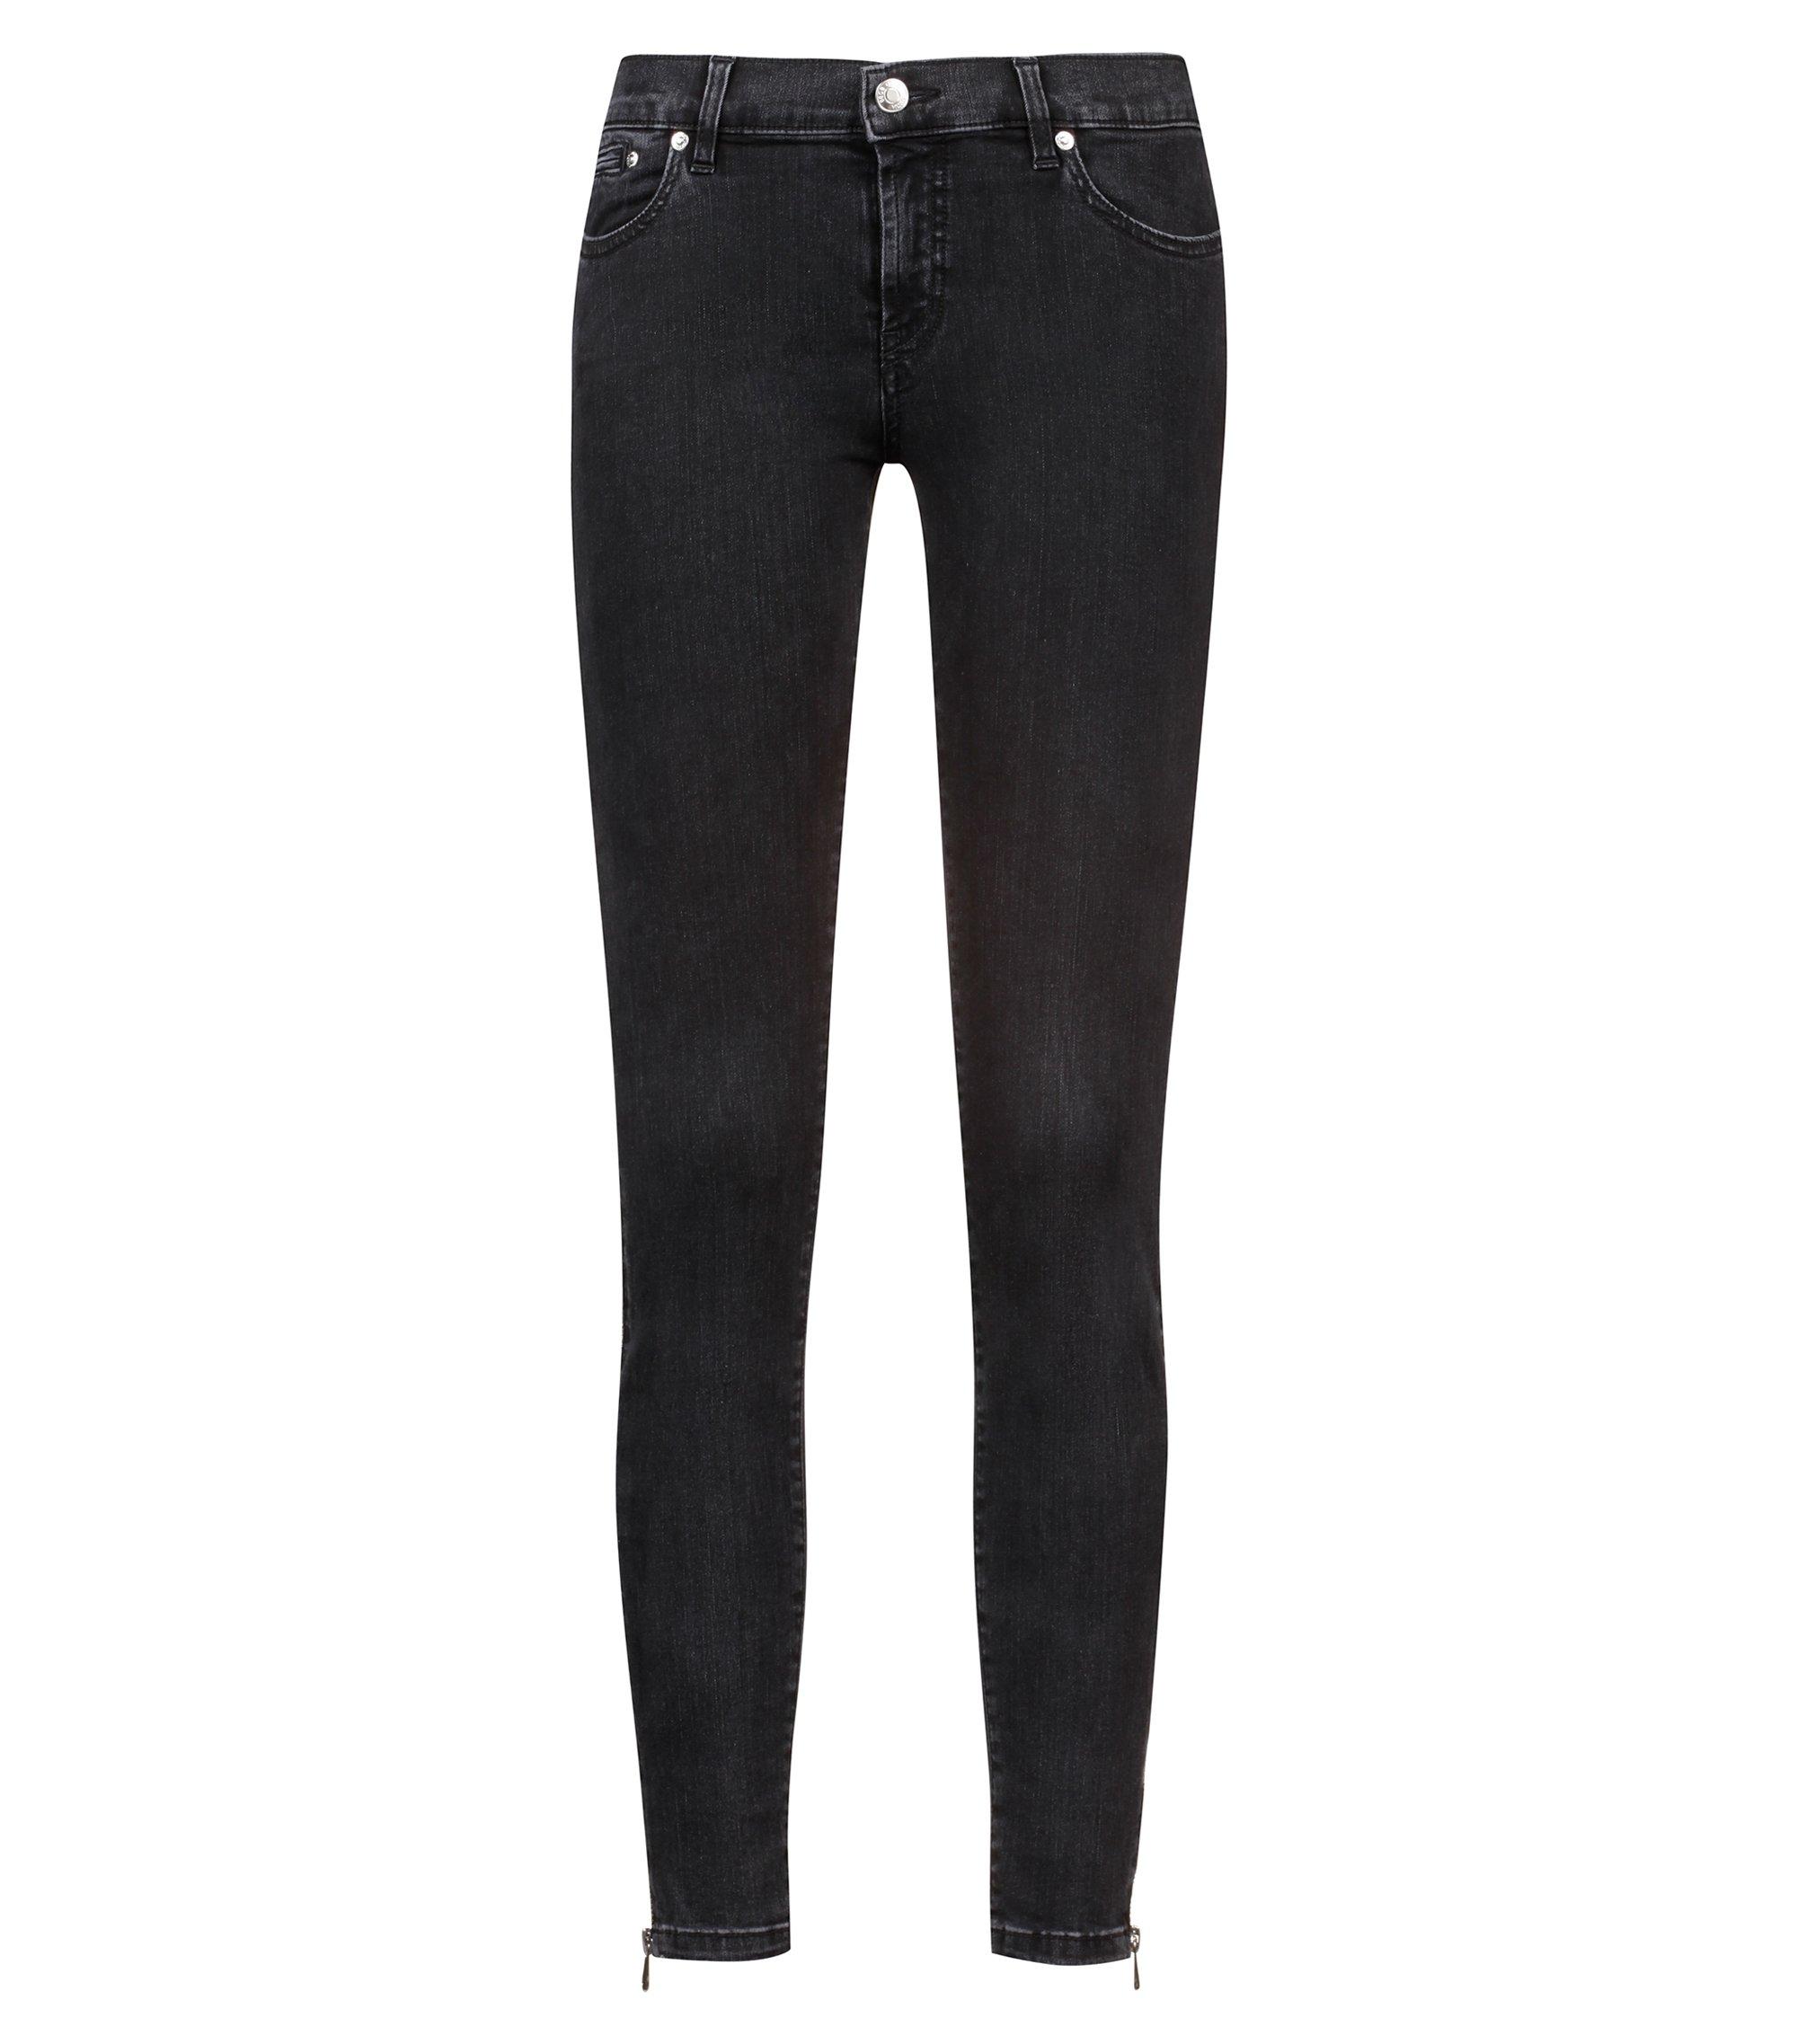 Skinny-Fit Cropped-Jeans aus Superstretch-Denim mit seitlichen Reißverschlüssen, Anthrazit